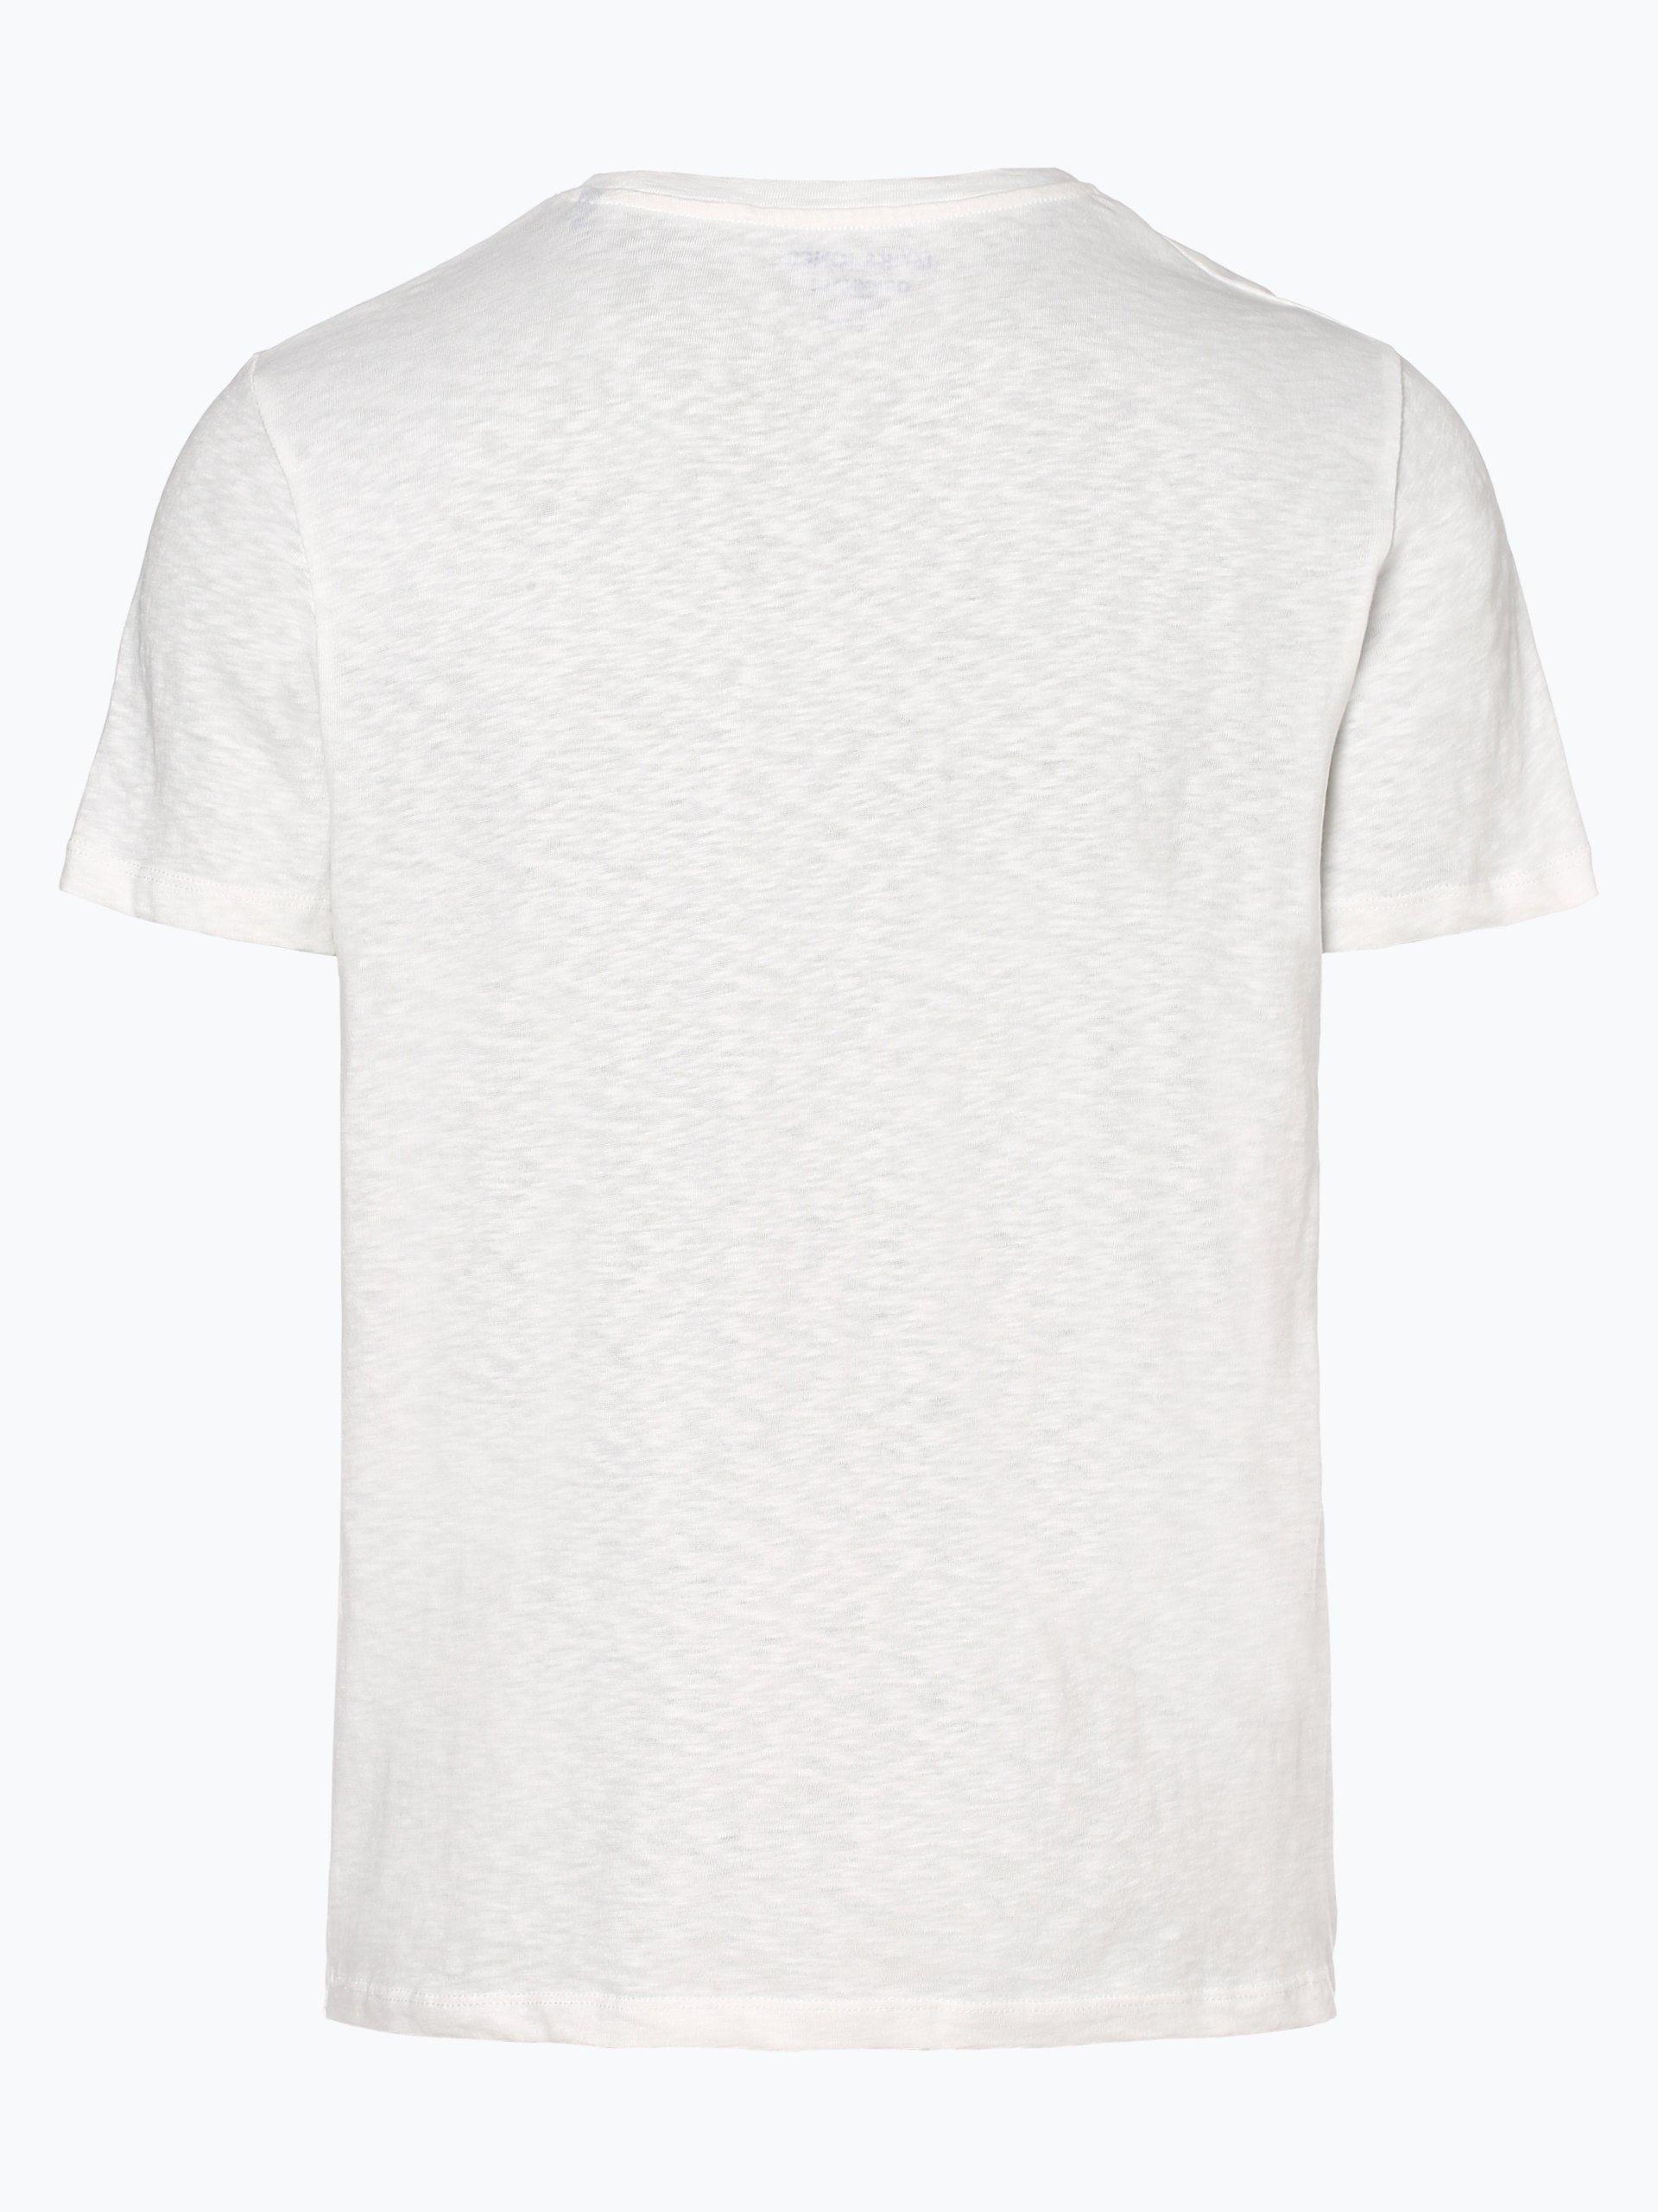 Jack & Jones Herren T-Shirt - Jorwillis